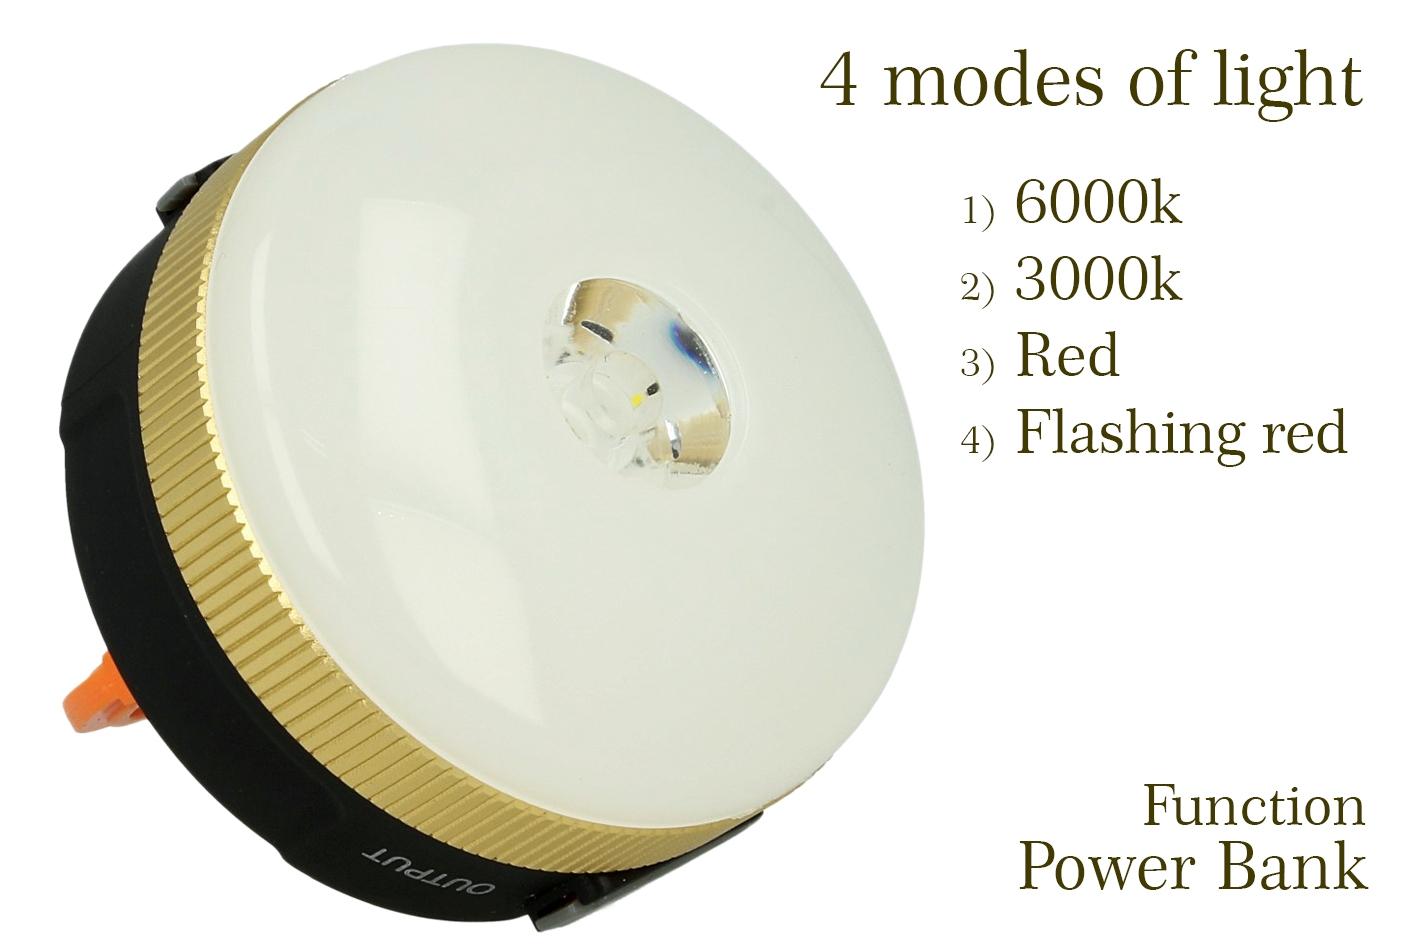 Lampada Led Ricaricabile Da Campeggio Pesca Forma Lanterna 4 Modalita Esterno Ricarica Telefono Per Emergenza - PZ